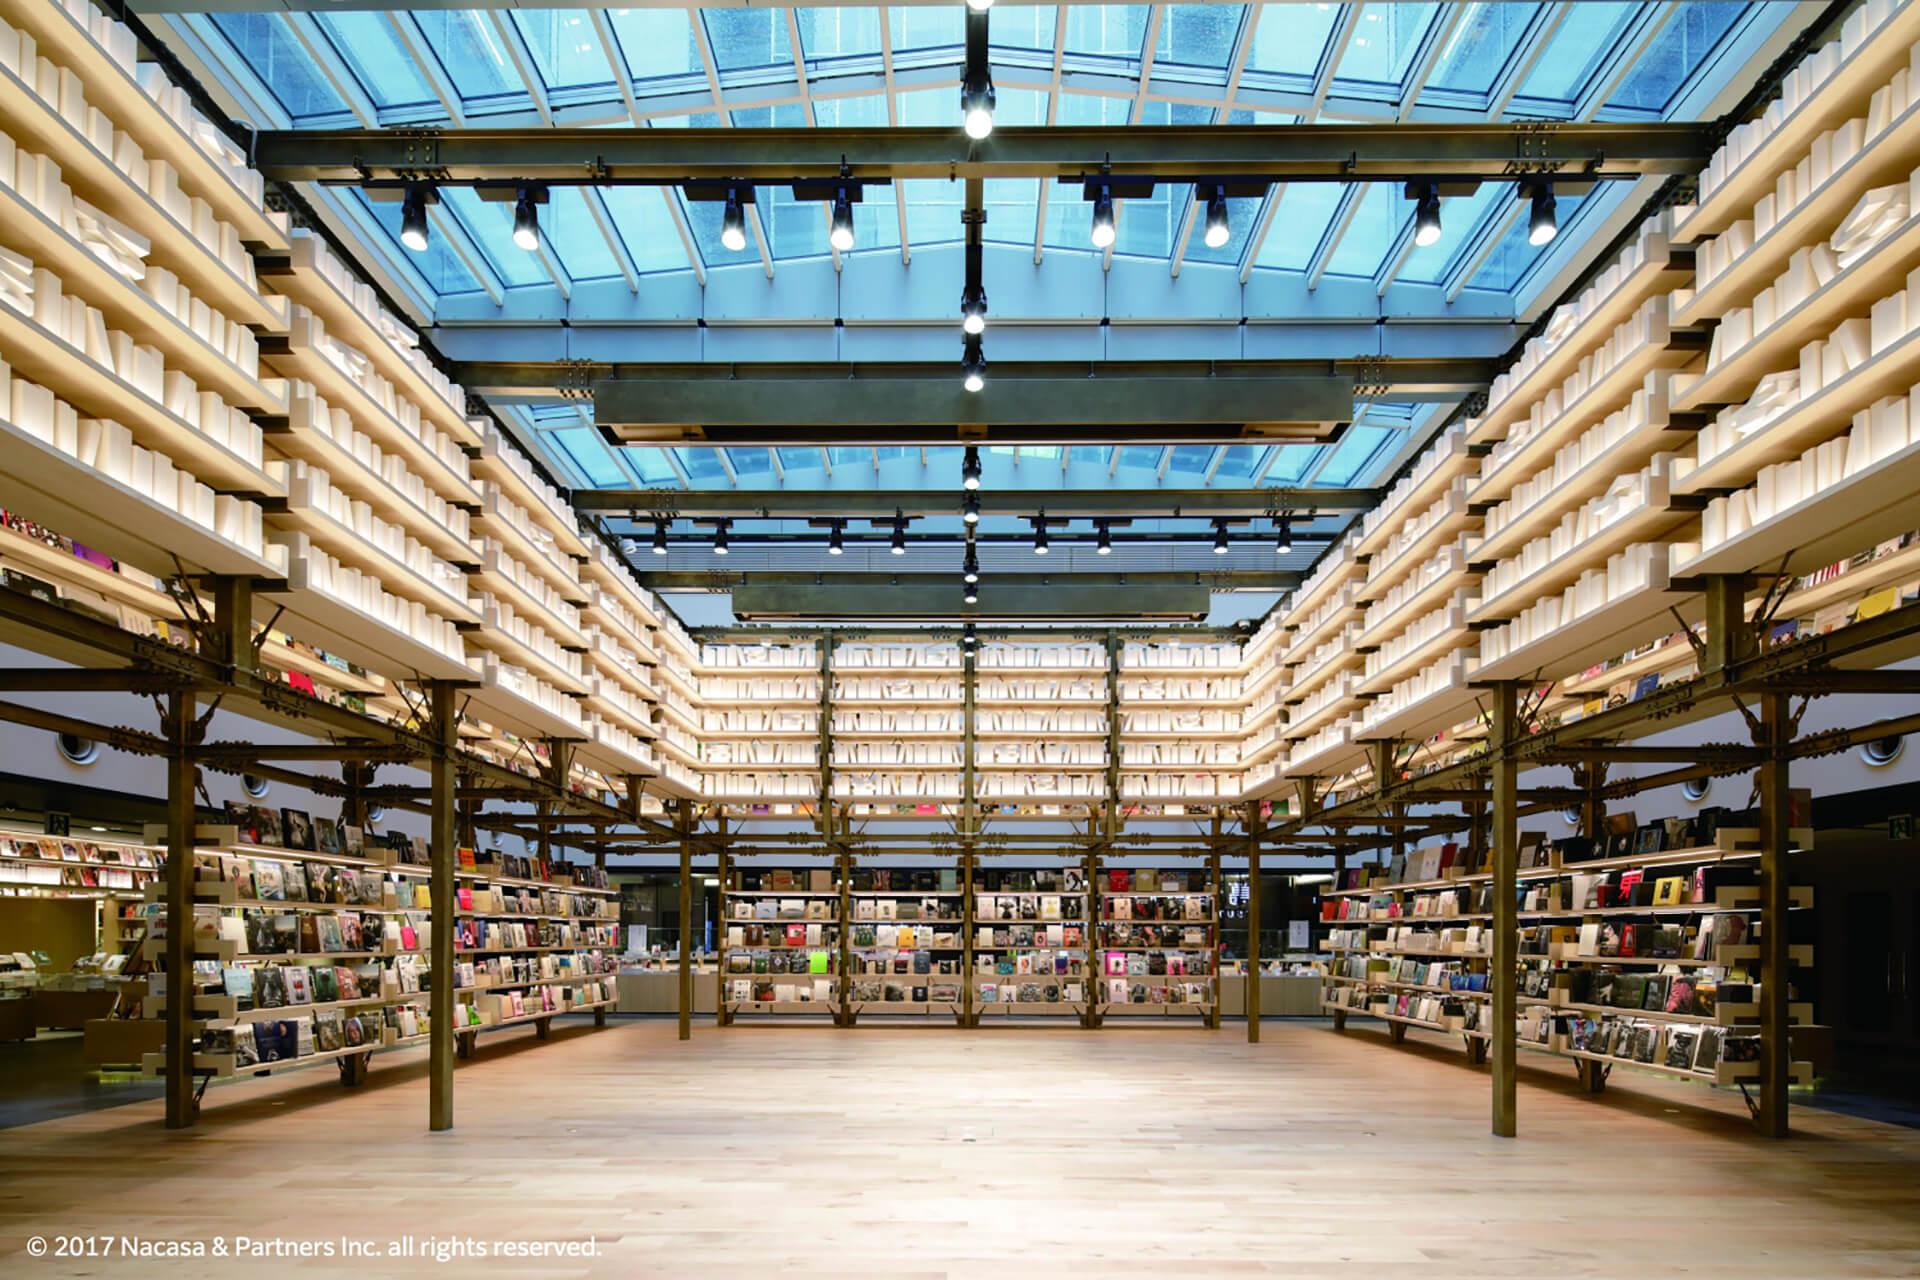 モリサワ × 銀座 蔦屋書店 Type Design Discoveryの会場となる銀座蔦谷のギャラリー内部